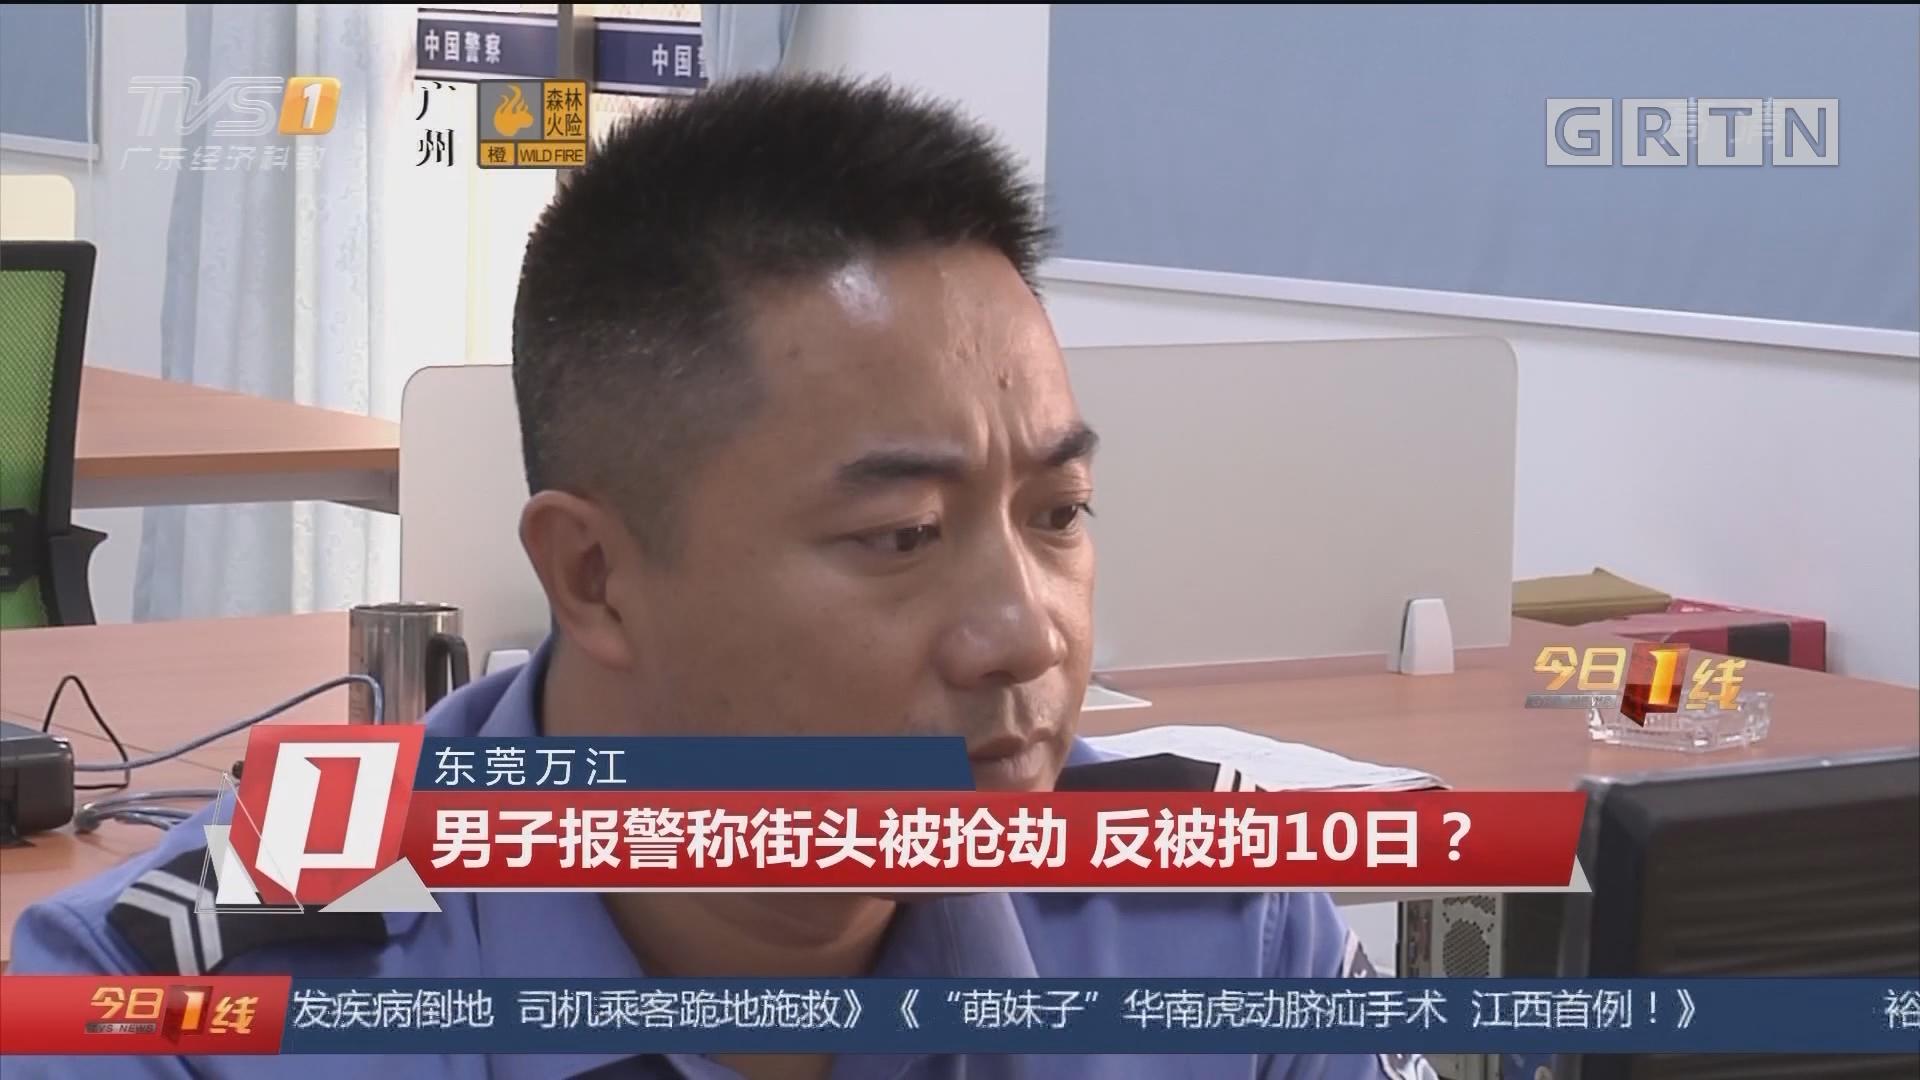 东莞万江:男子报警称街头被抢劫 反被拘10日?